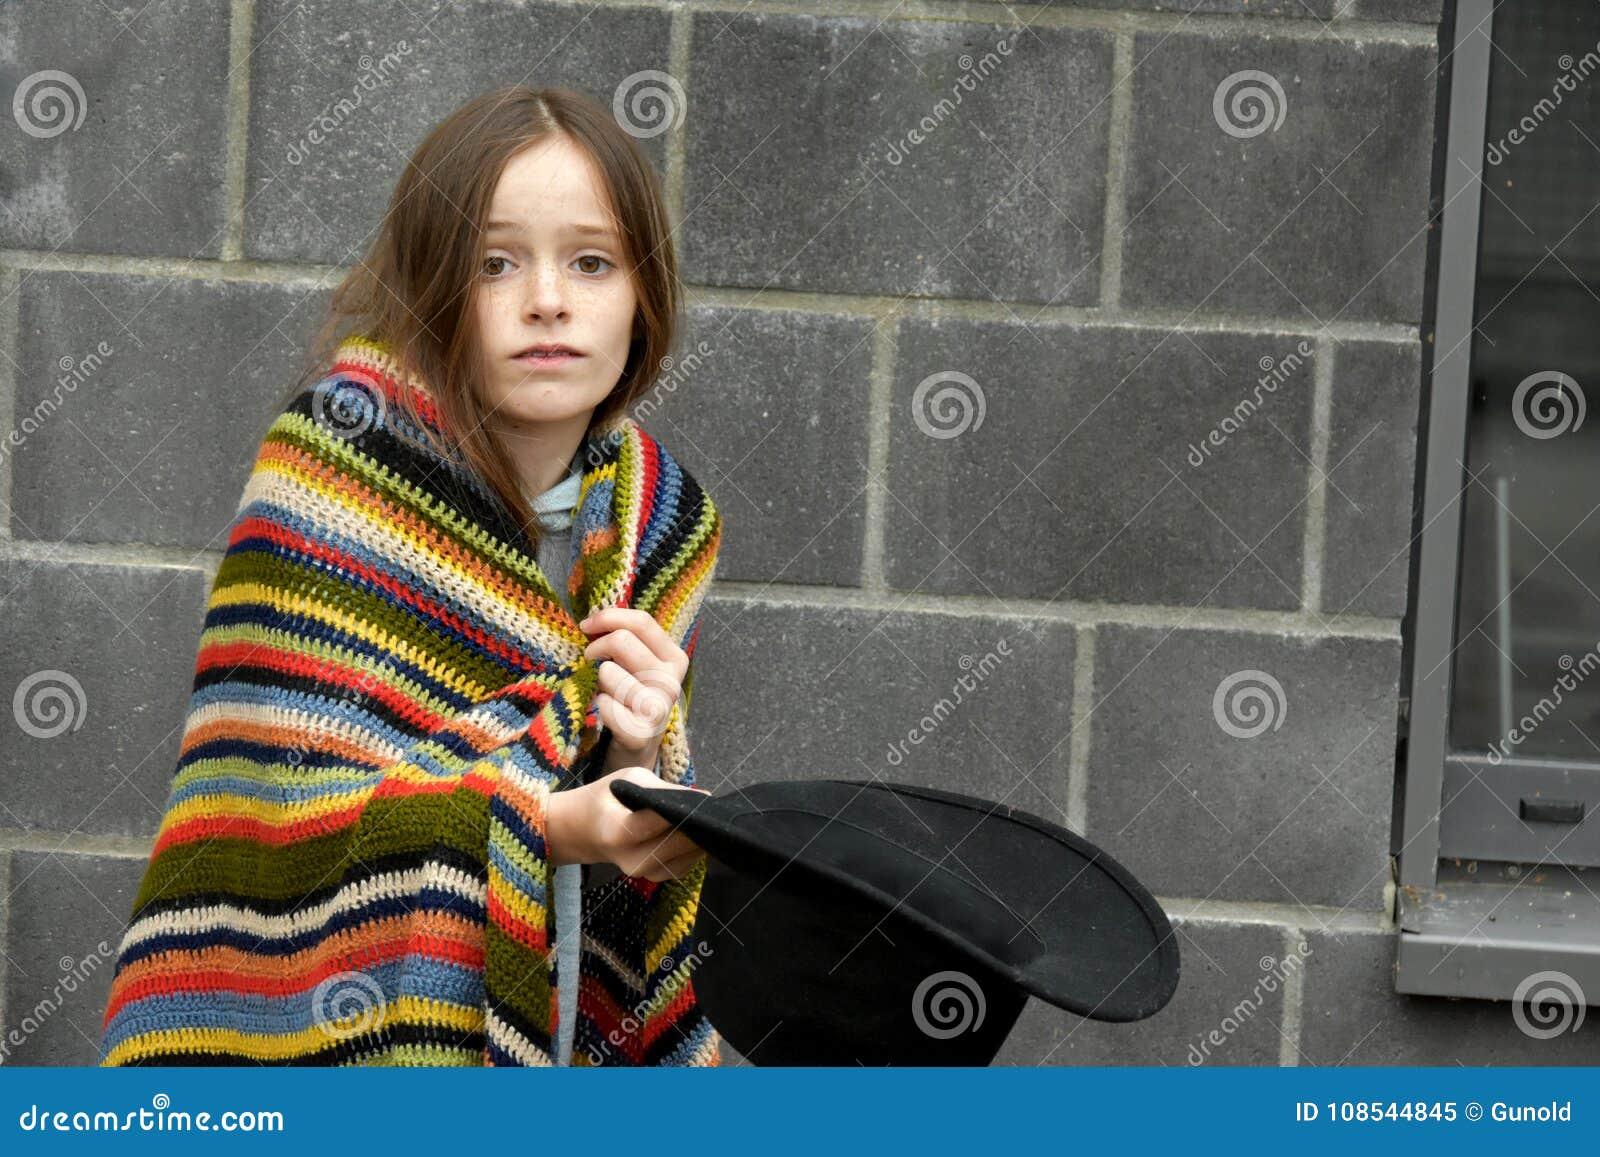 Beggar girl asking for a little money